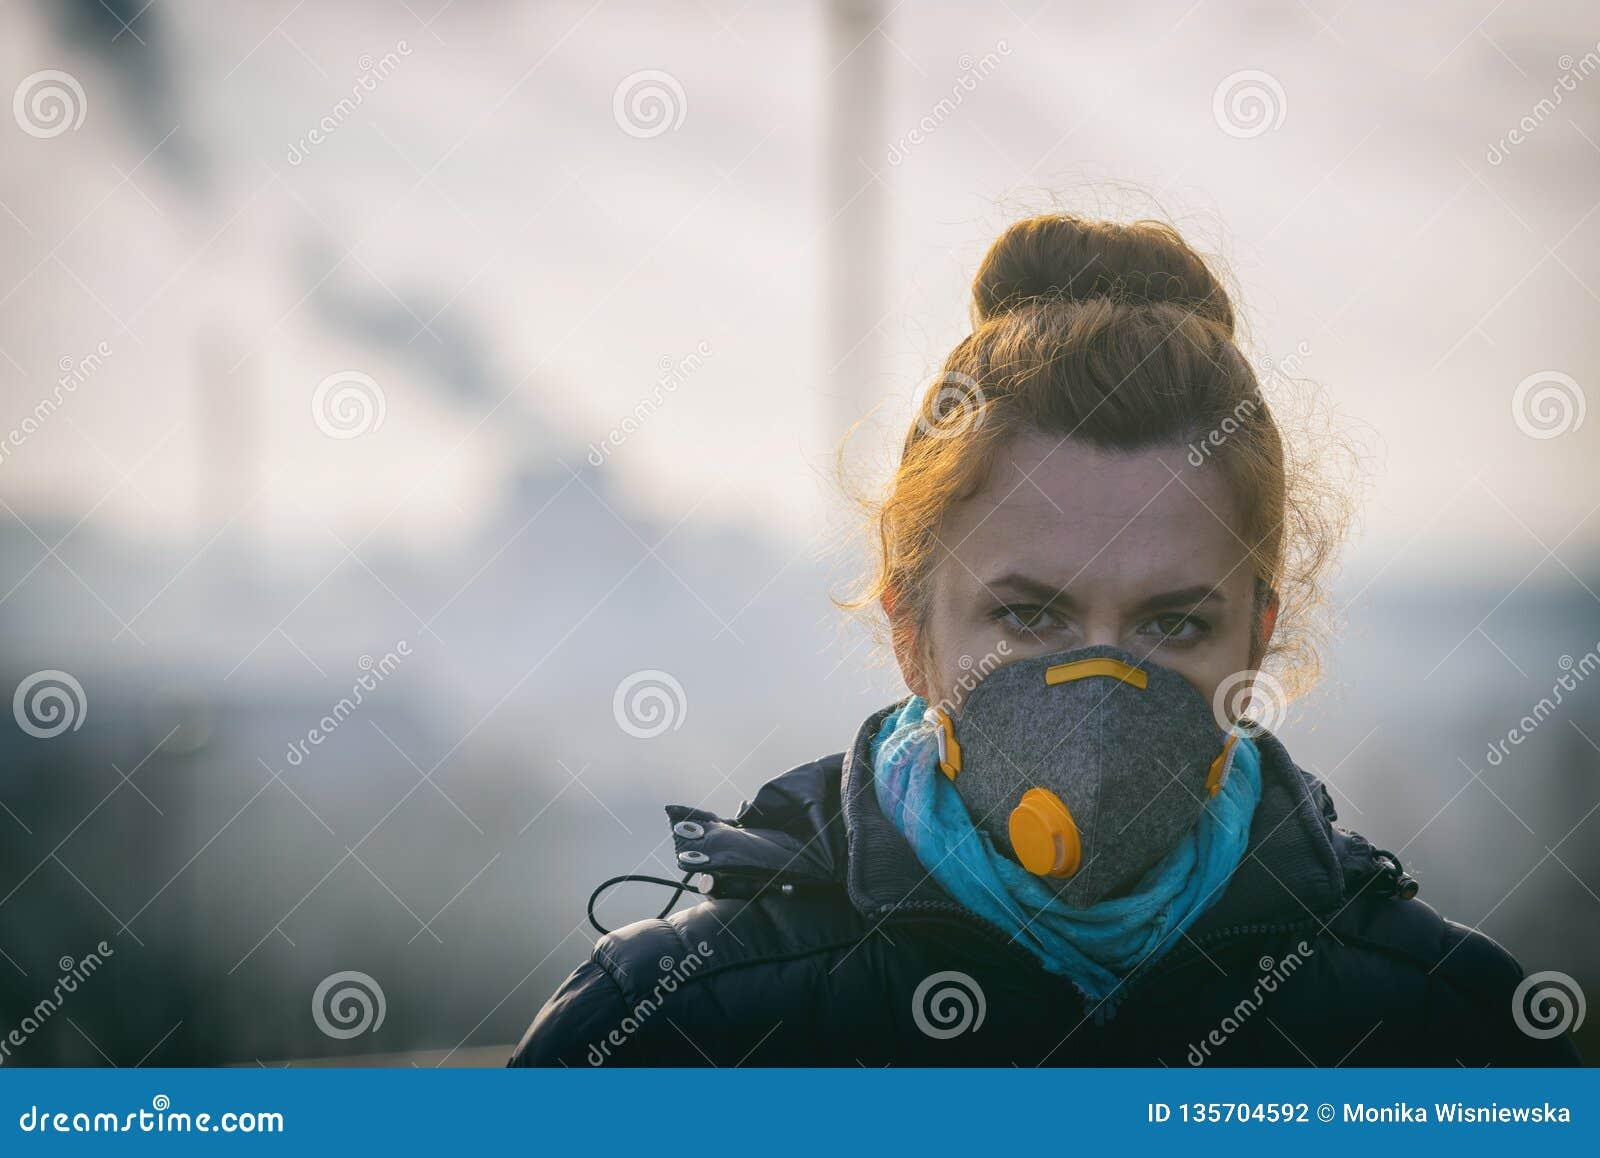 La mujer que lleva un anticontaminación real, contra la niebla y los virus la mascarilla